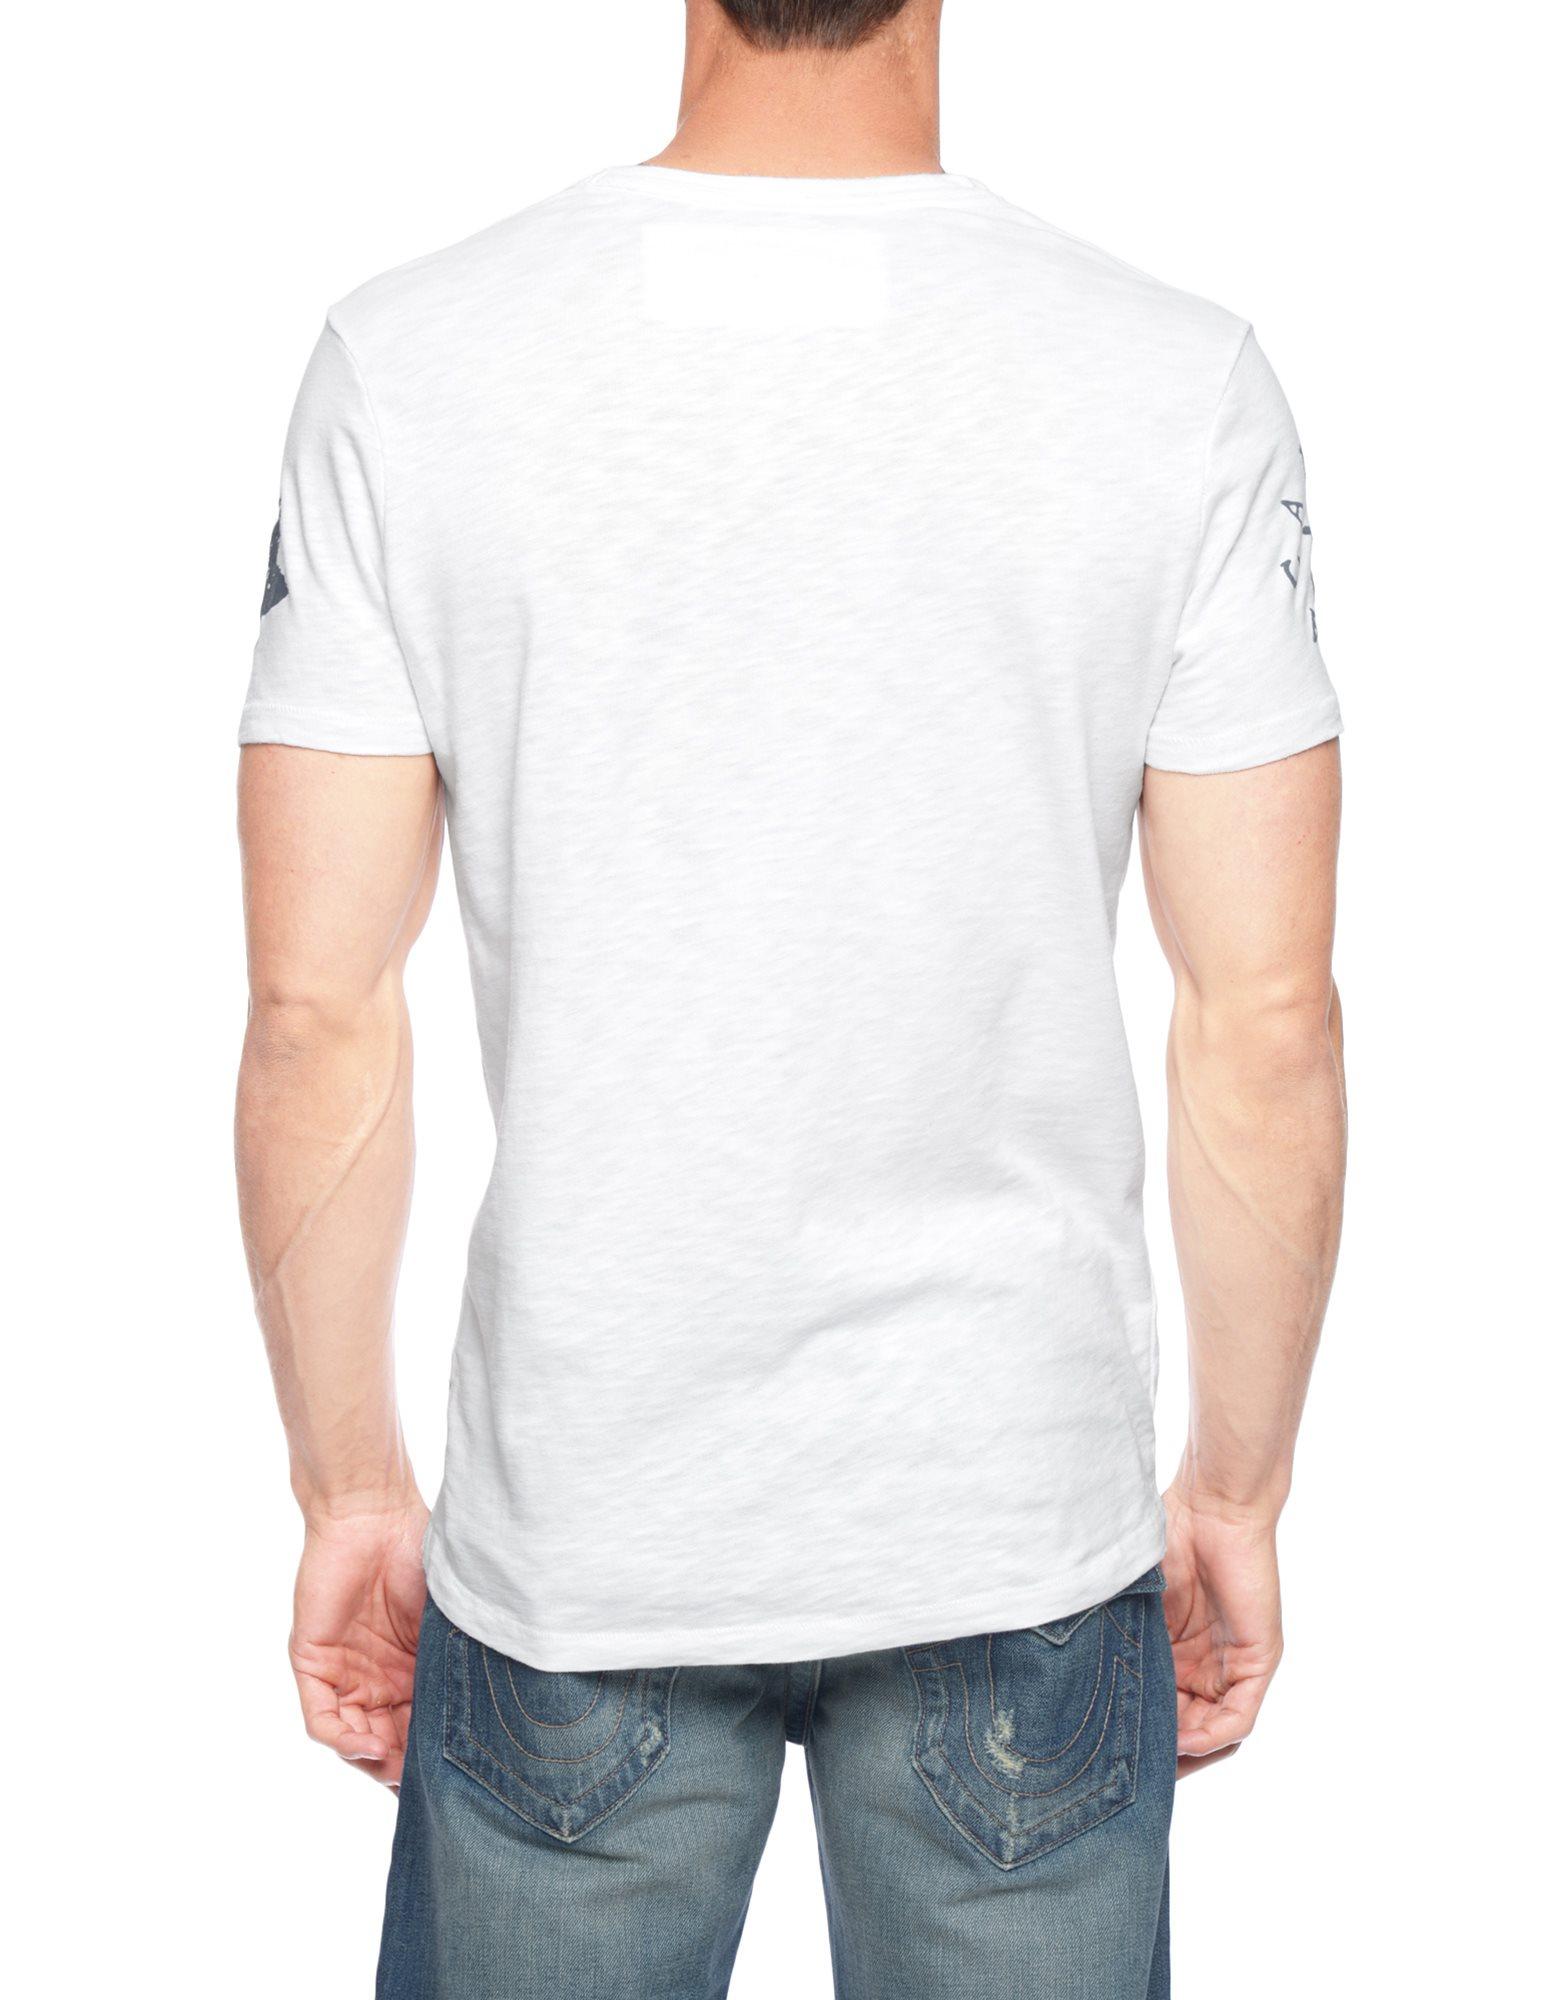 True religion european logo mens t shirt in white for men for European mens dress shirts